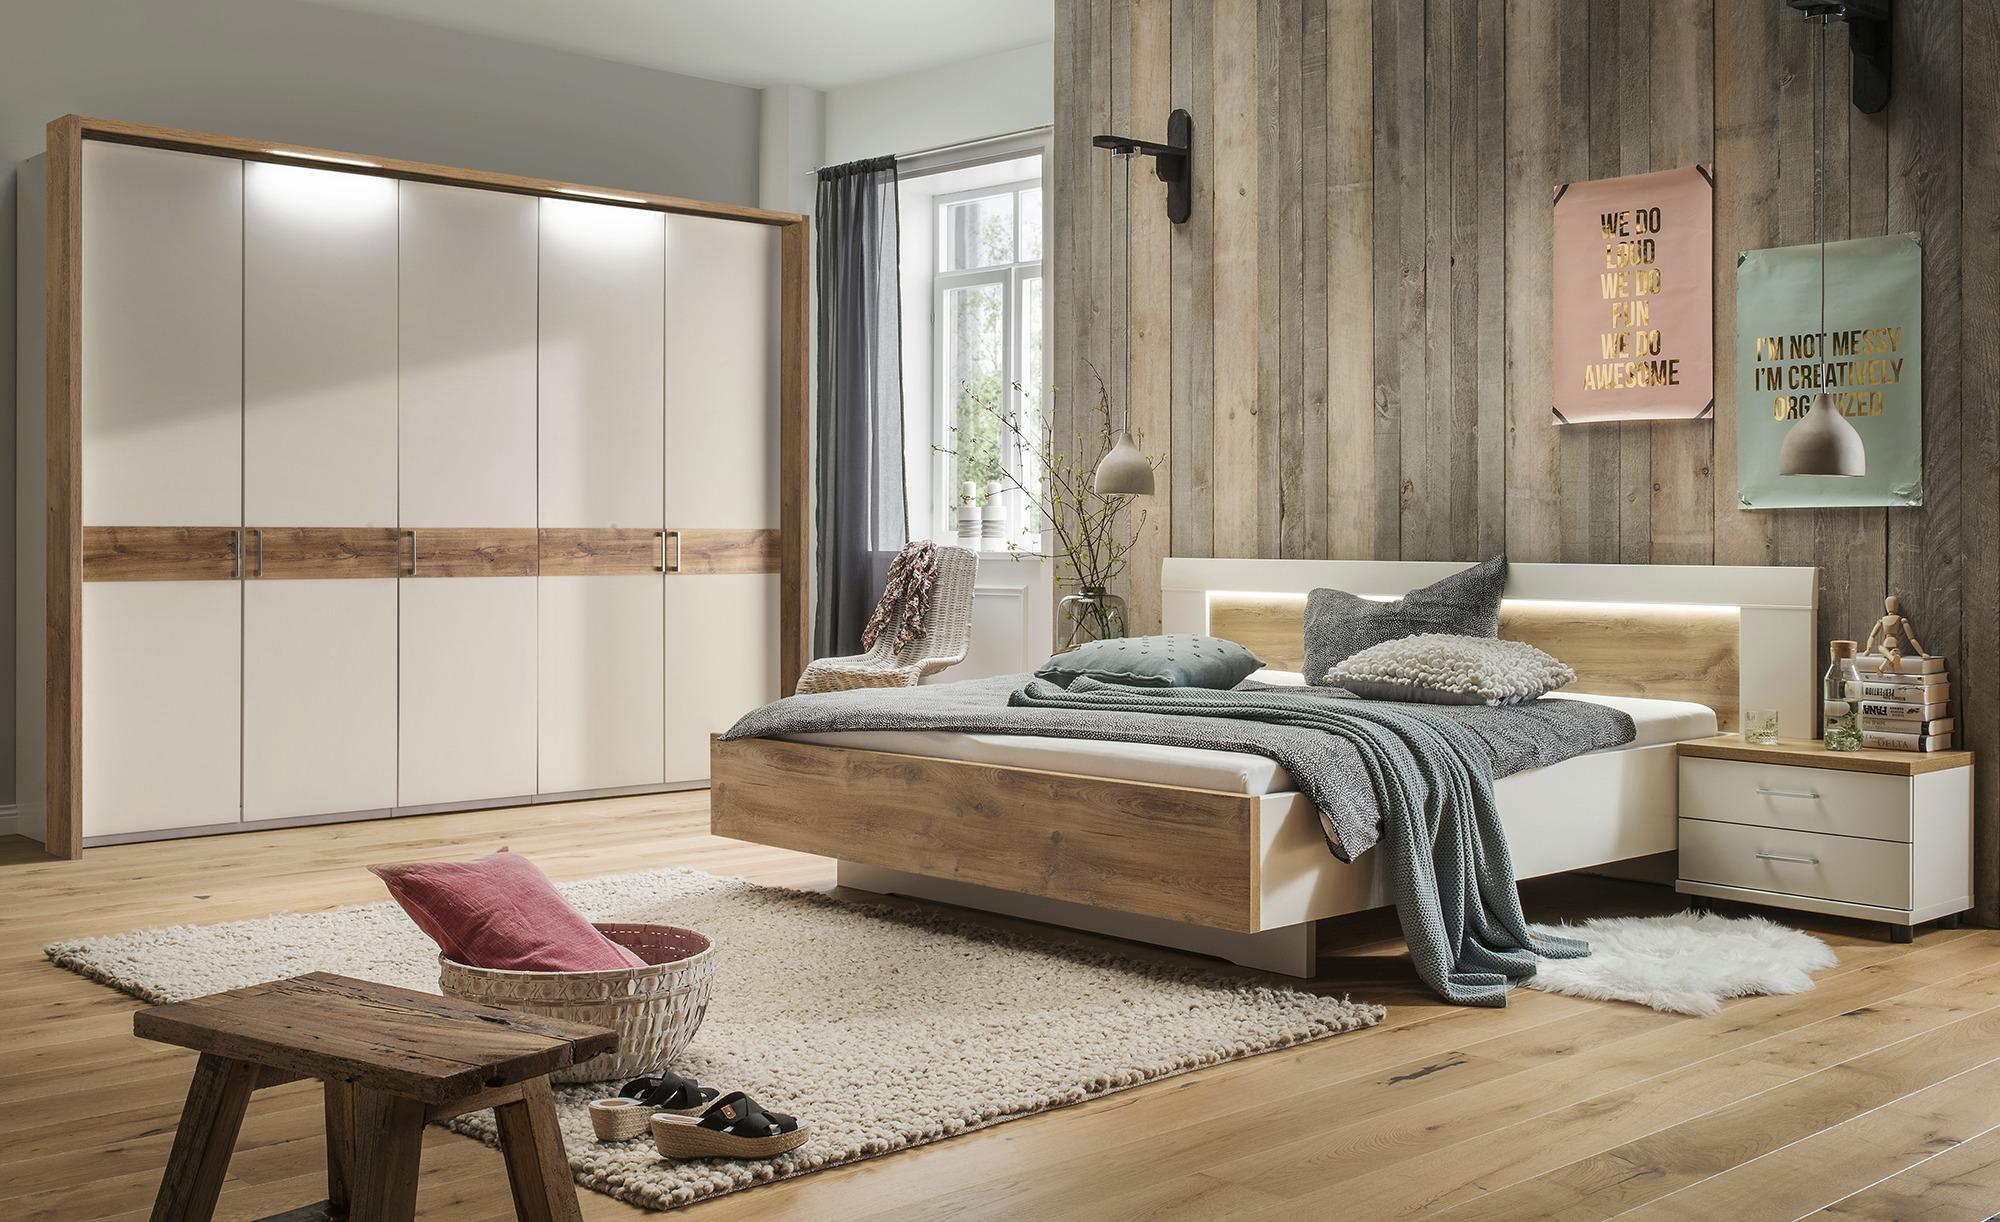 uno Komplett-Schlafzimmer 4-teilig - Bei Möbel Kraft online kaufen